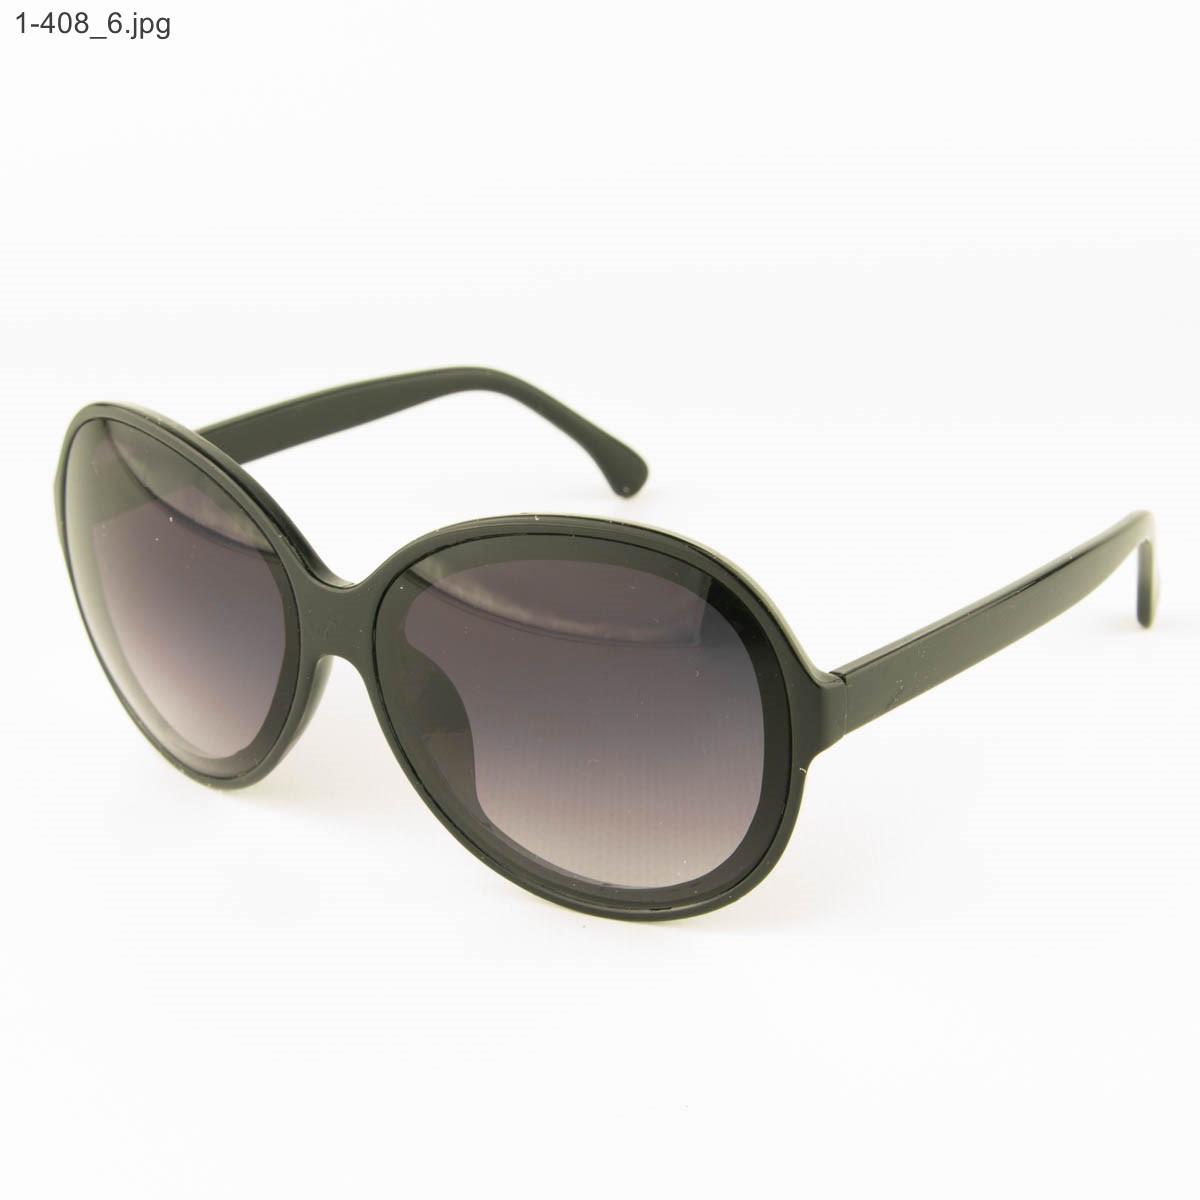 Молодежные солнцезащитные очки - Черные с черной линзой - 1-408